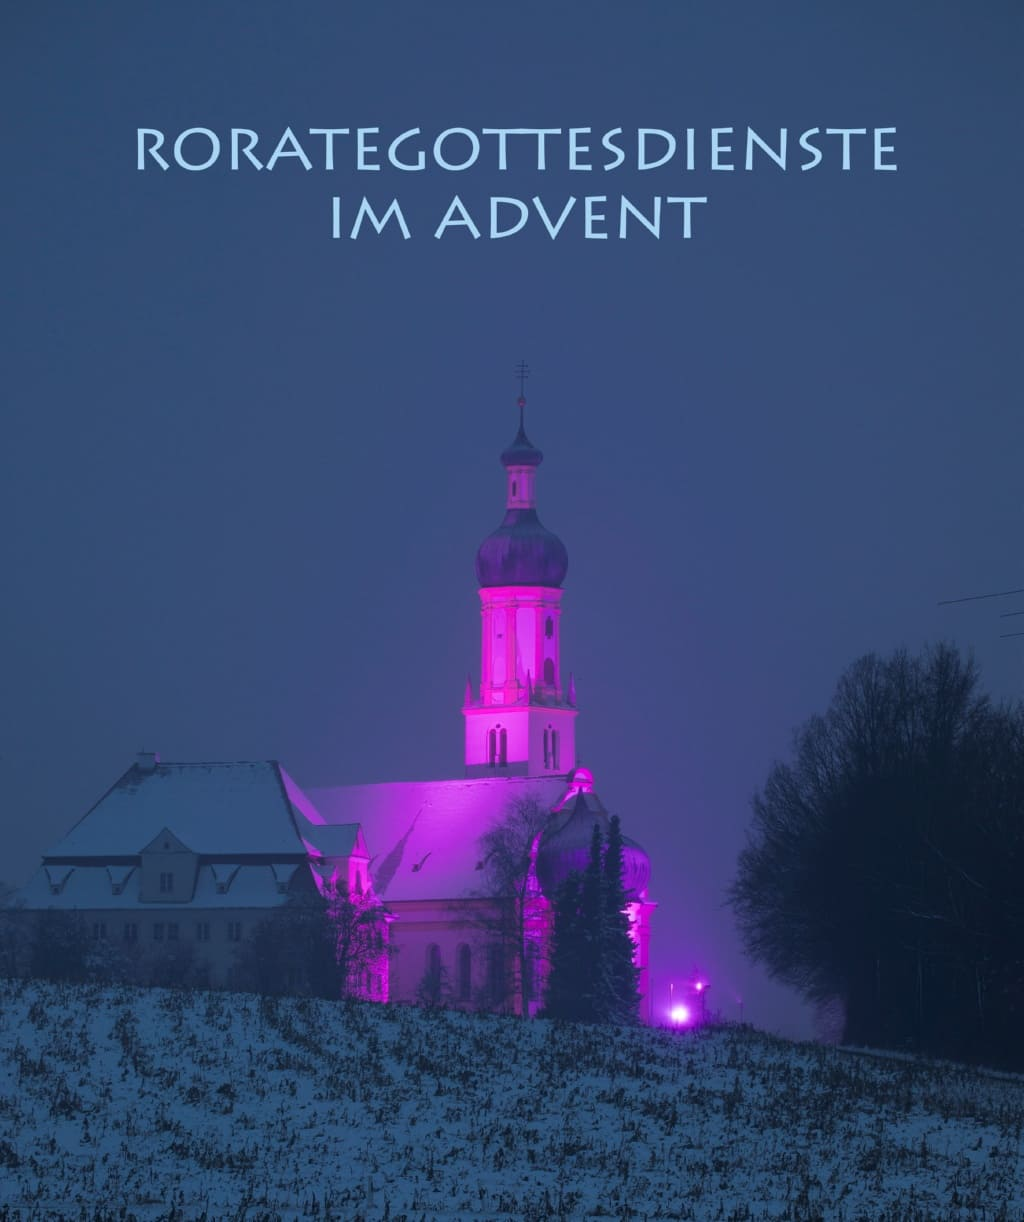 Rorategottesdienste im Advent